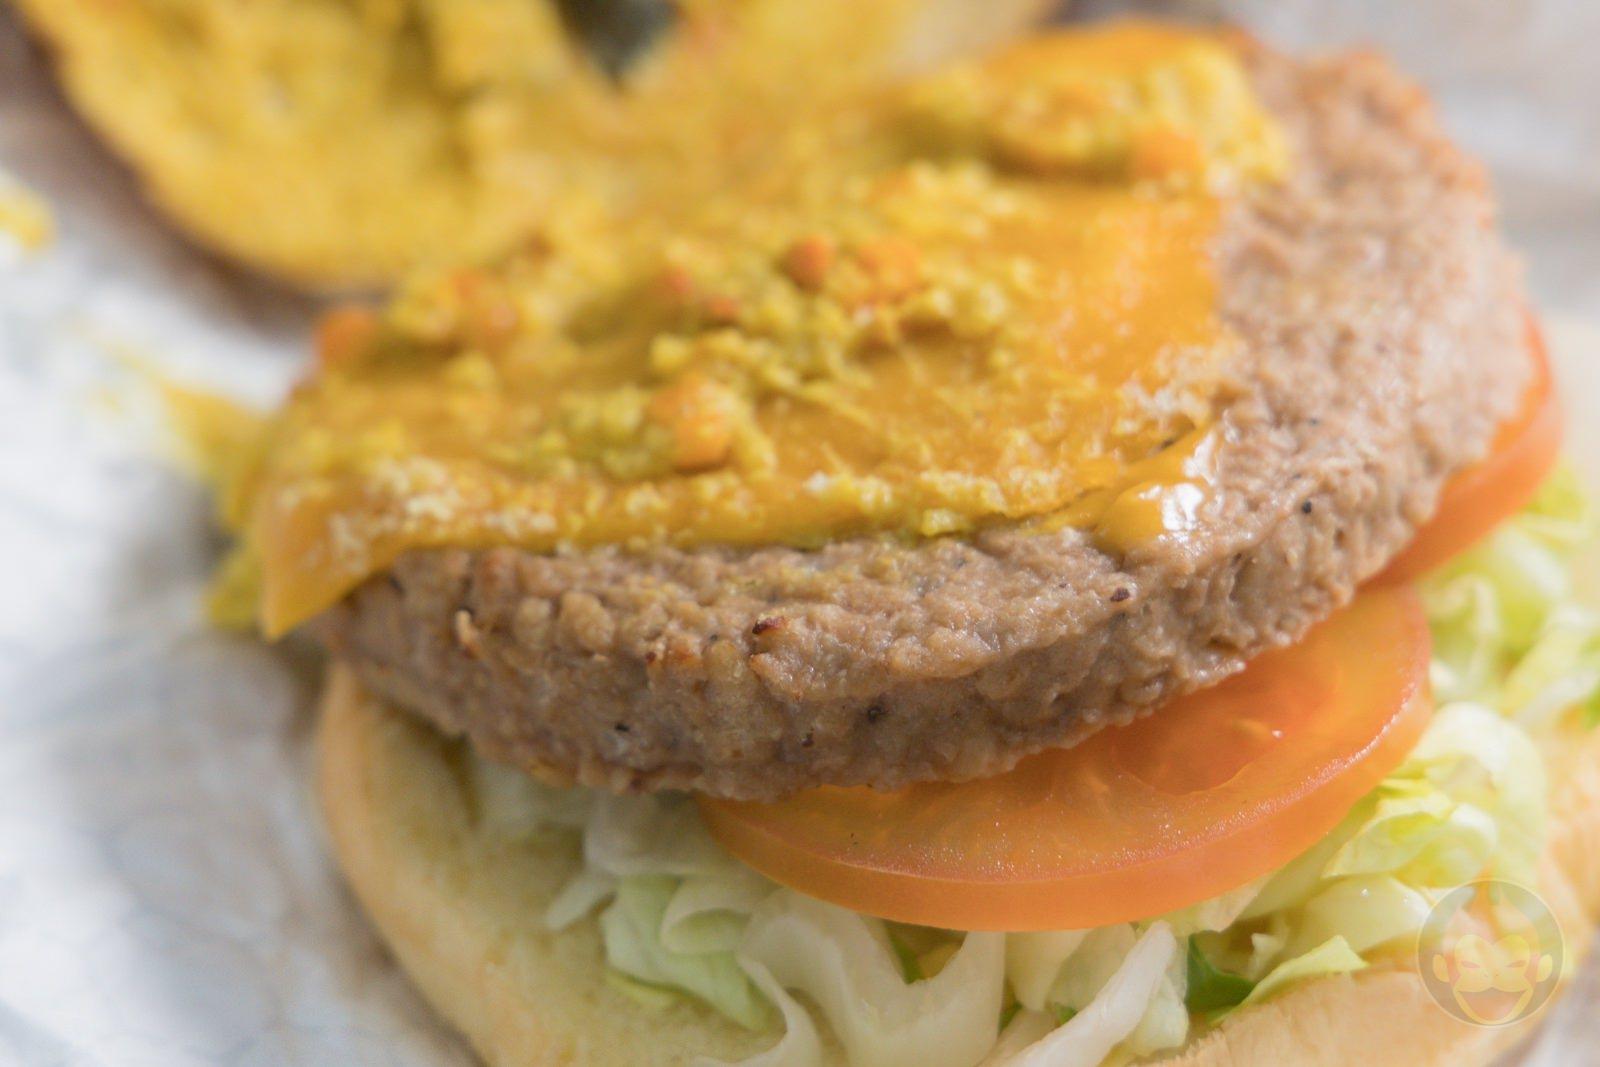 Costco Garden Burger no meat used 04